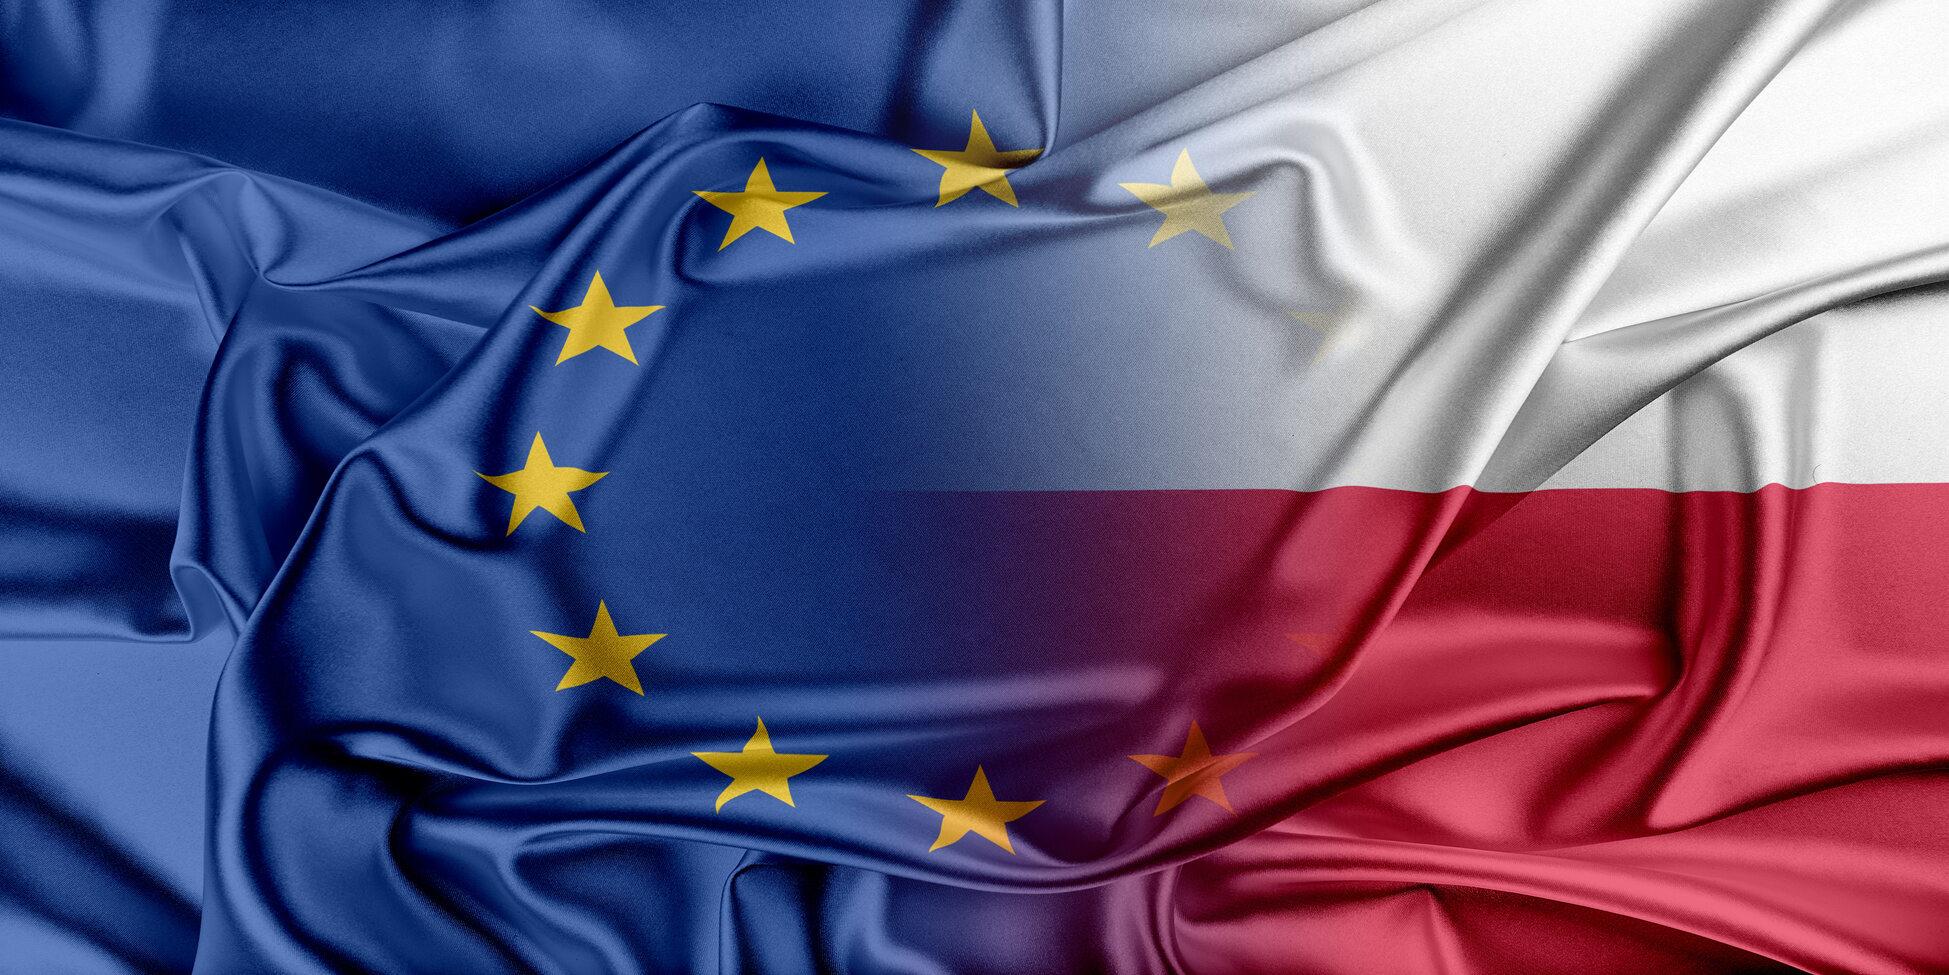 Z sondażu przeprowadzonego przez IBSP dla portali RadioZET.pl i StanPolityki.pl wynika, że gdyby w Polsce odbyło się referendum w sprawie wyjścia z Unii Europejskiej, większość Polaków byłaby...